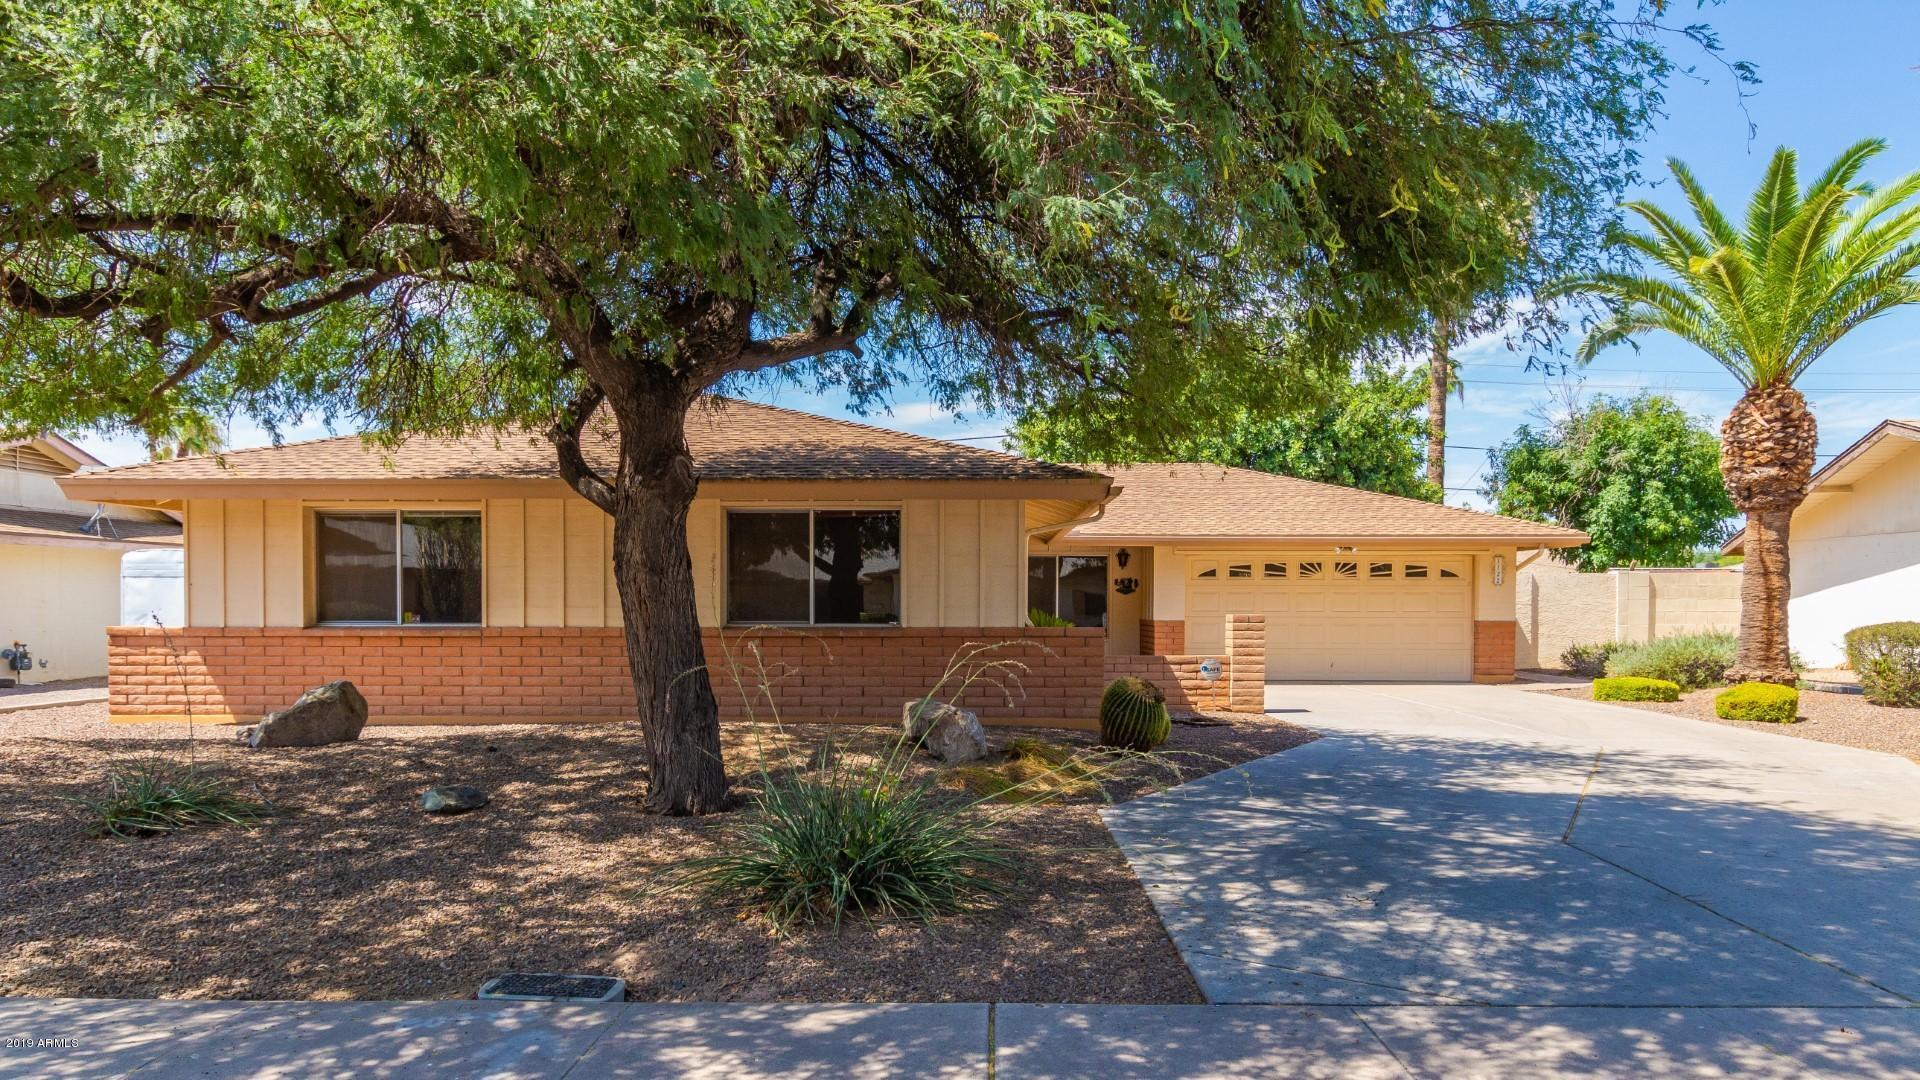 MLS 5959152 1122 E GENEVA Drive, Tempe, AZ 85282 Tempe AZ Tempe Royal Palms